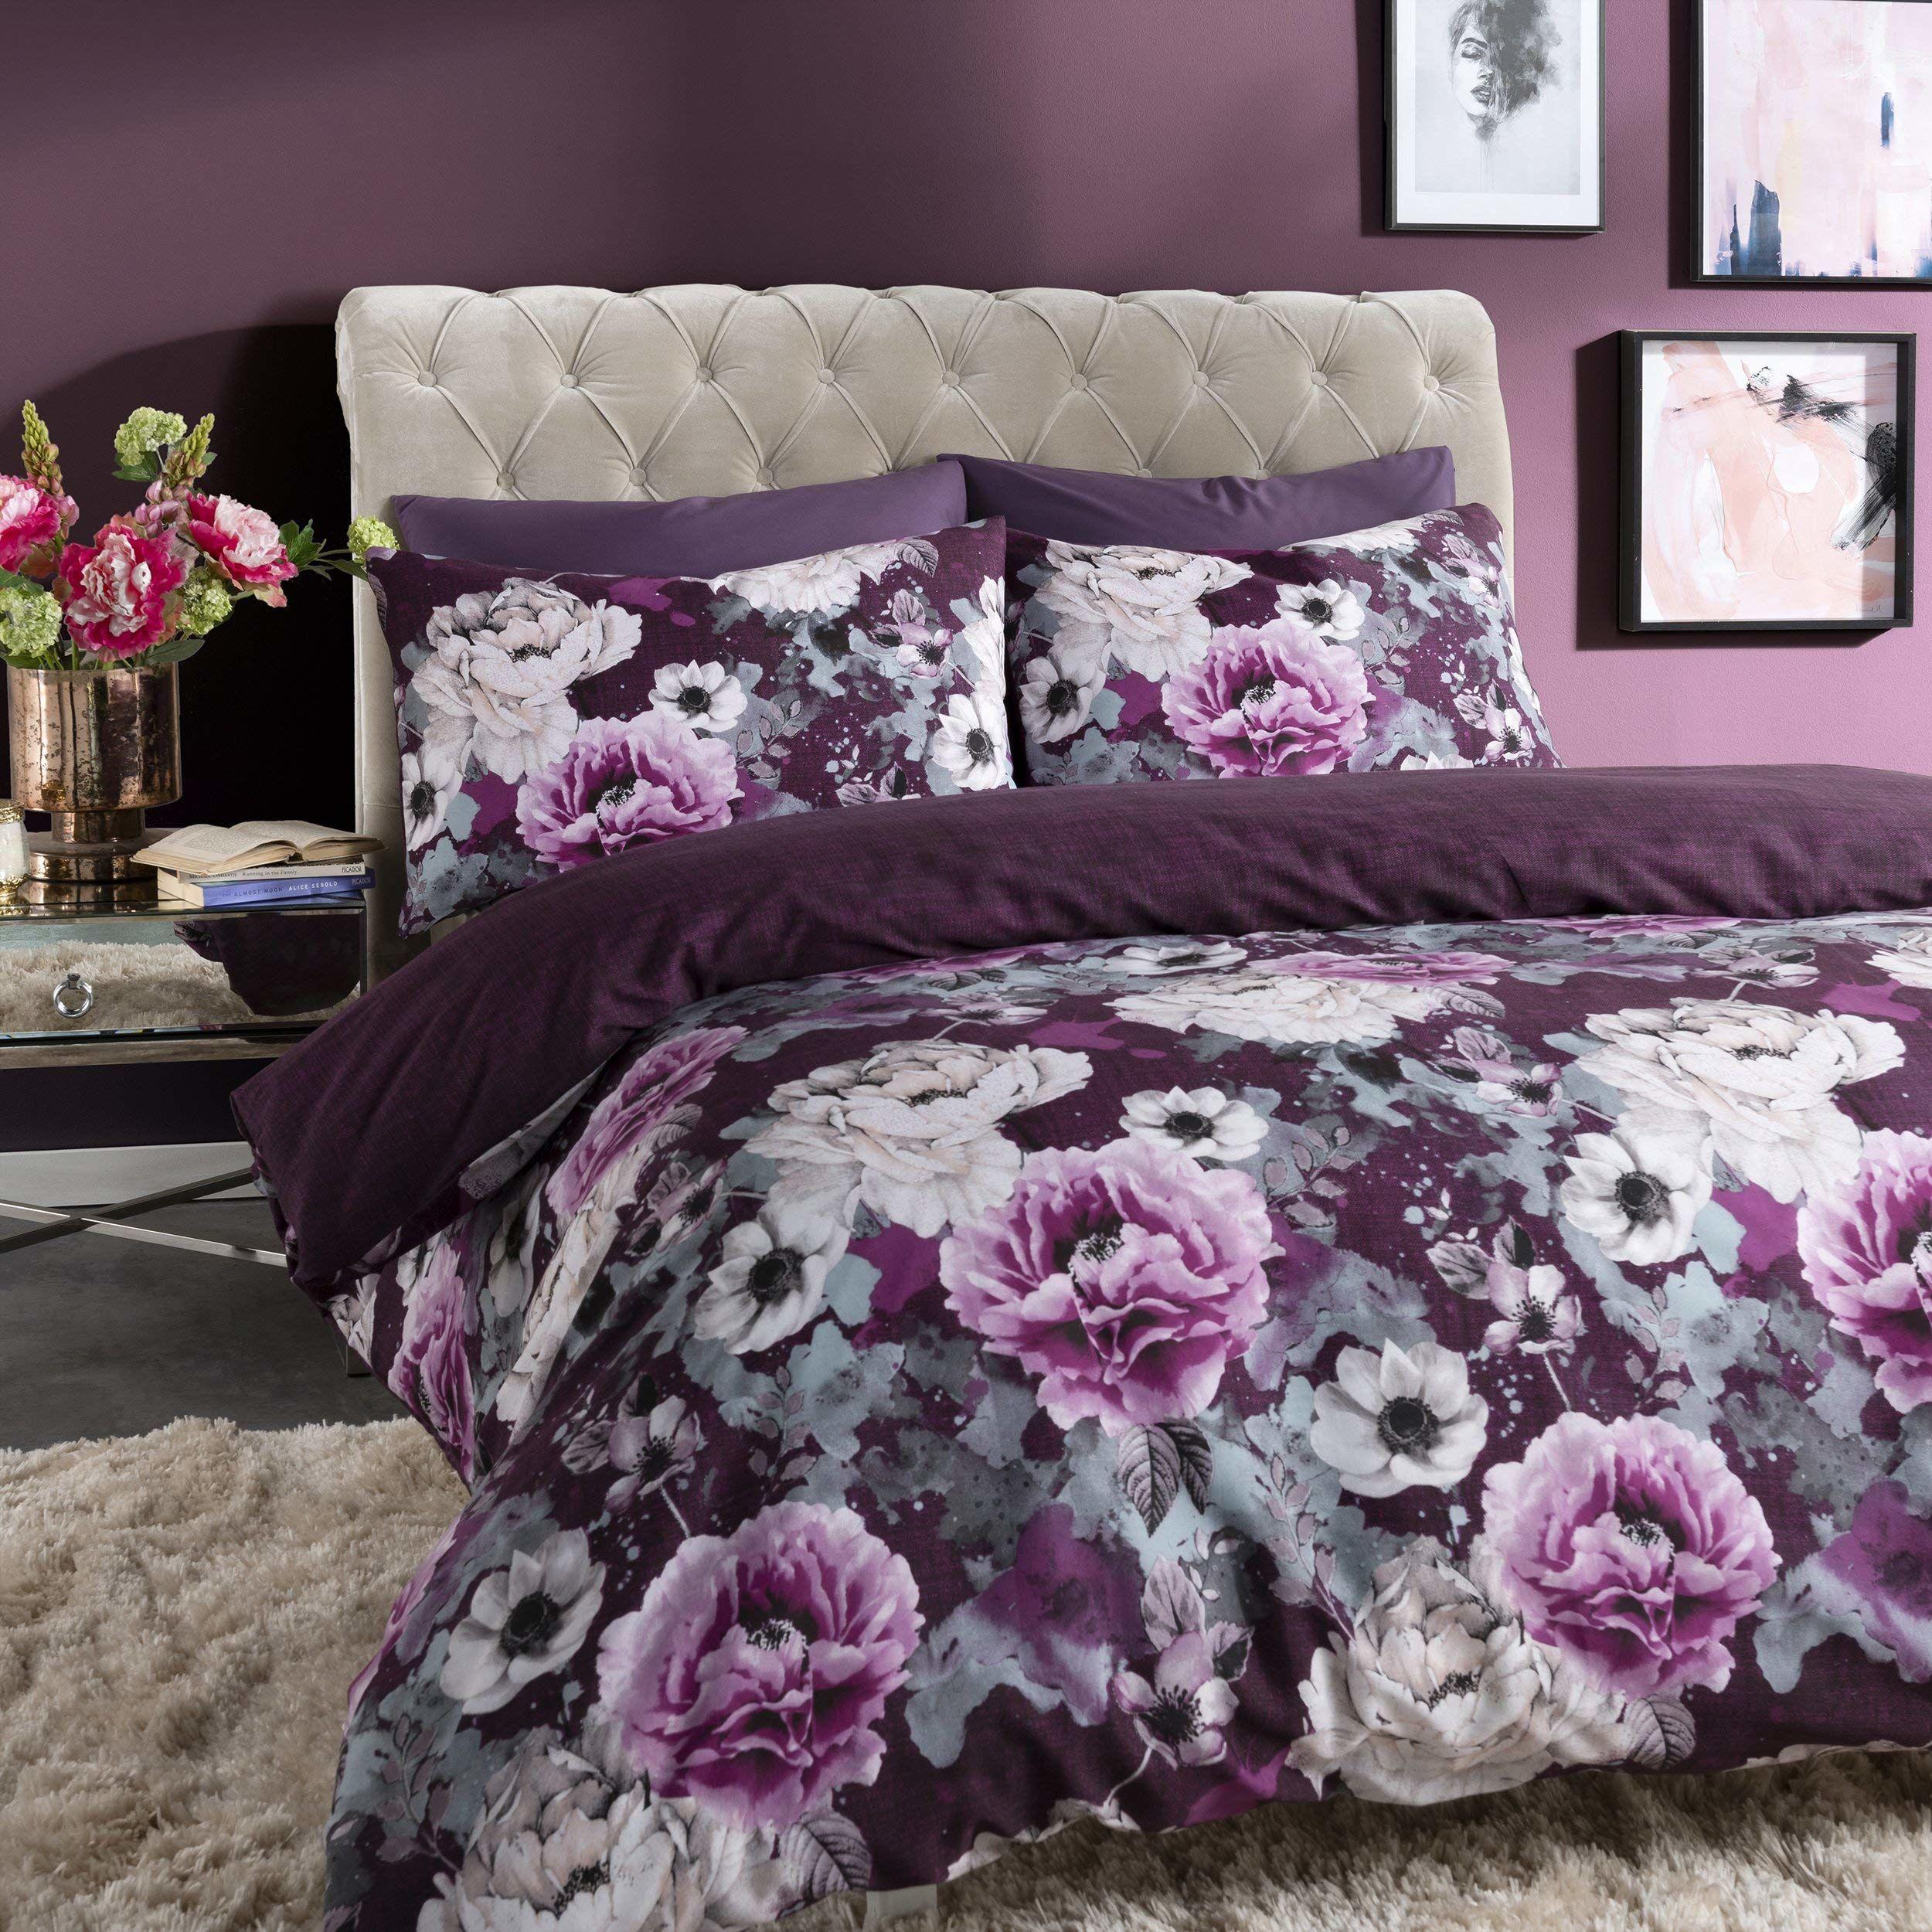 Sleepdown Inky Kwiatowy Fioletowy Dwustronny Poszwa na kołdrę i Poszewki na poduszki Zestaw pościeli (KIng)